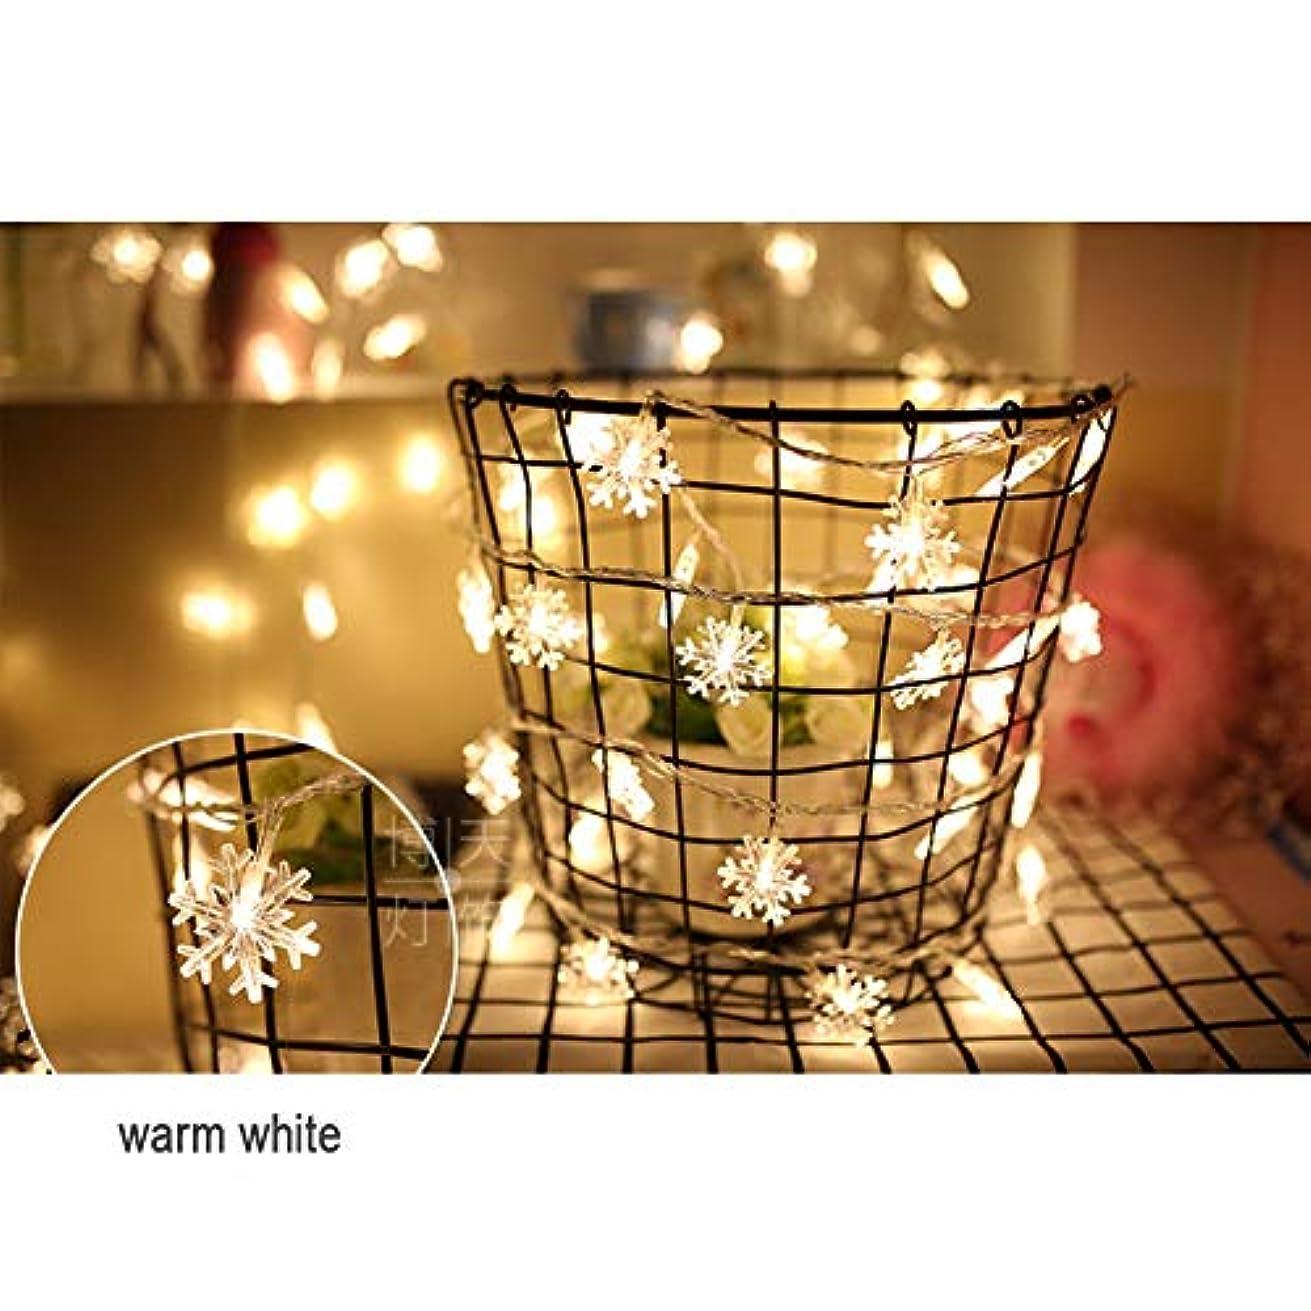 光景公爵夫人誘惑電池式 ストリングライト - 防雨型 2 スノーフレークLEDイルミネ ーションライト ロマンチックな雰囲気を作る屋外用 ワイヤーライト イルミネーションライト、庭、パティオ、バルコニ、ークリスマス